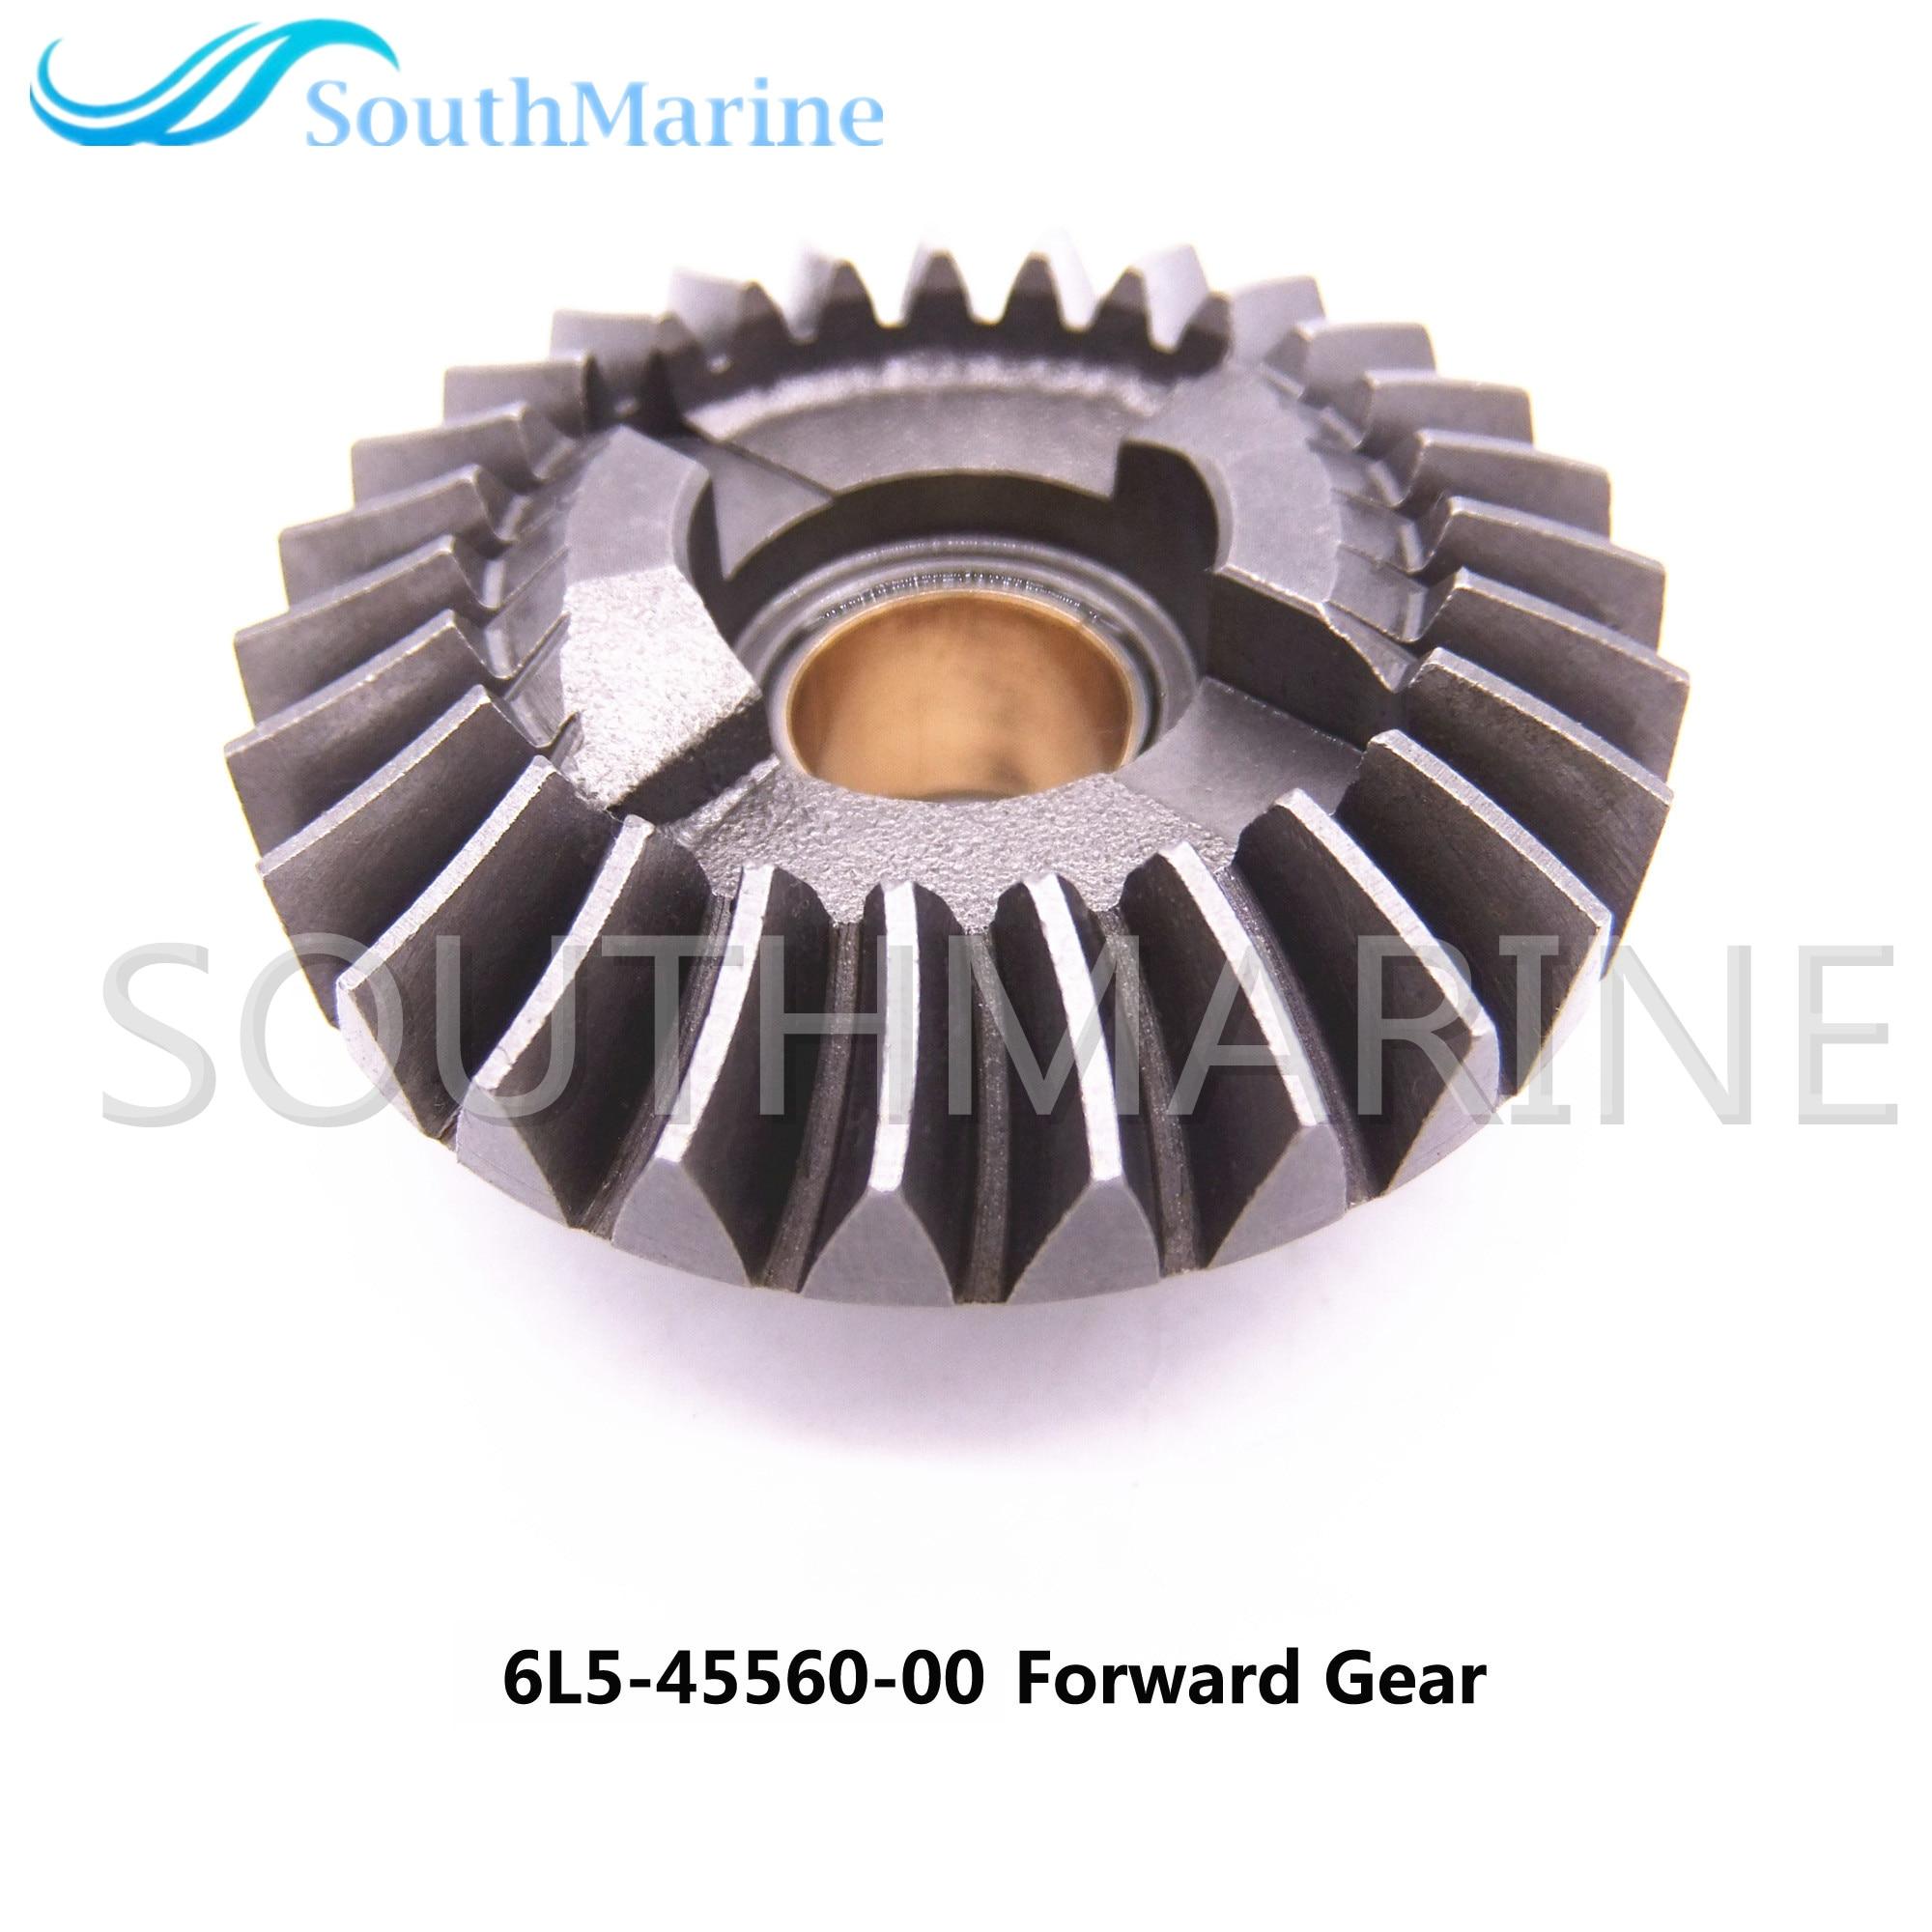 6L5-45551-00 Pinion Gear 6L5-45560-00 Forward Gear Kit for Yamaha F2.5 F2.5AMH